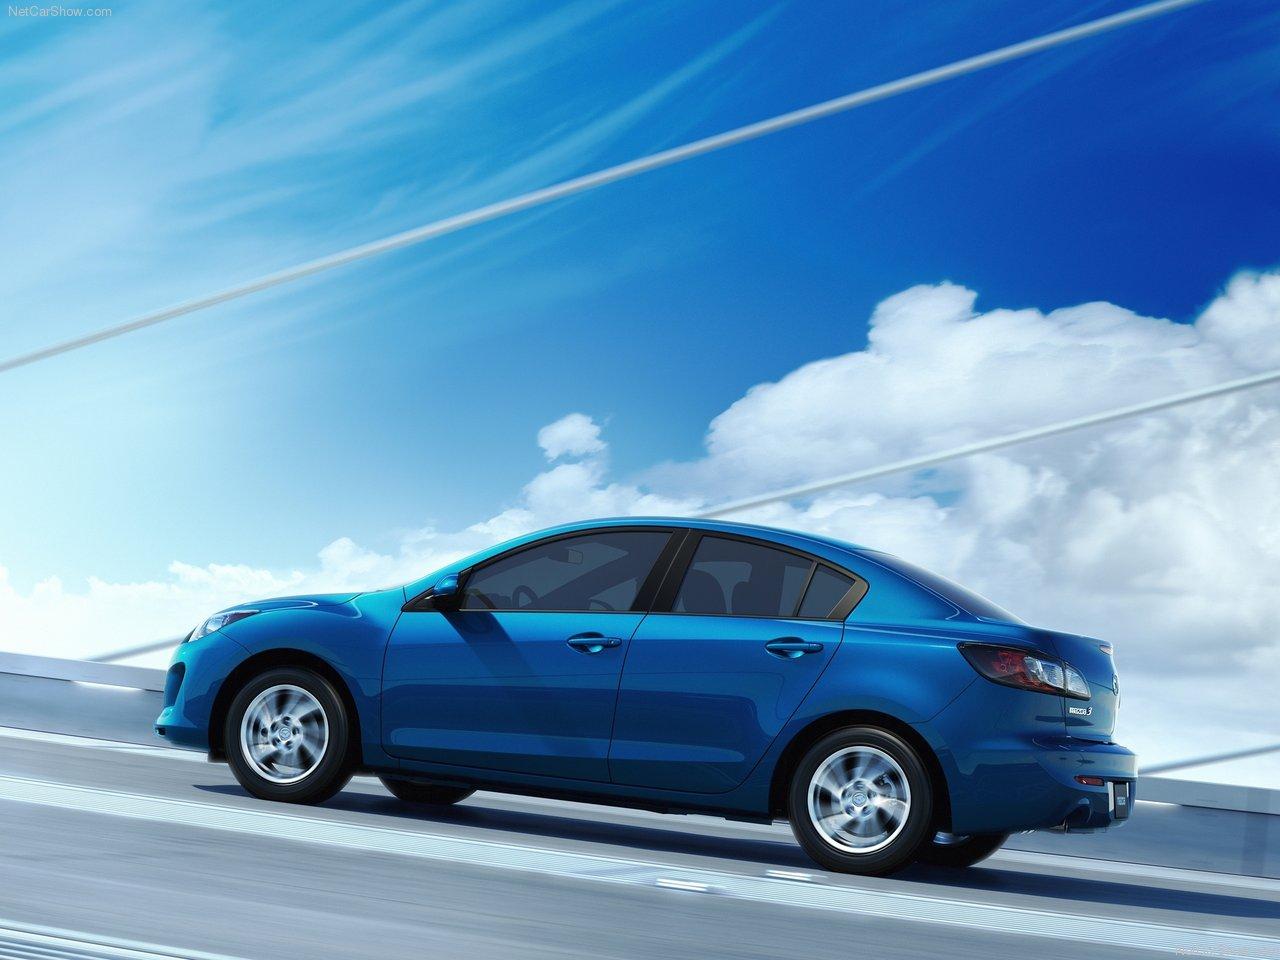 http://4.bp.blogspot.com/-8TXAQheHjiI/TbD-6WdQokI/AAAAAAACNYQ/J5elzN9Xe34/s1600/Mazda-3_Sedan_2012_1280x960_wallpaper_03.jpg